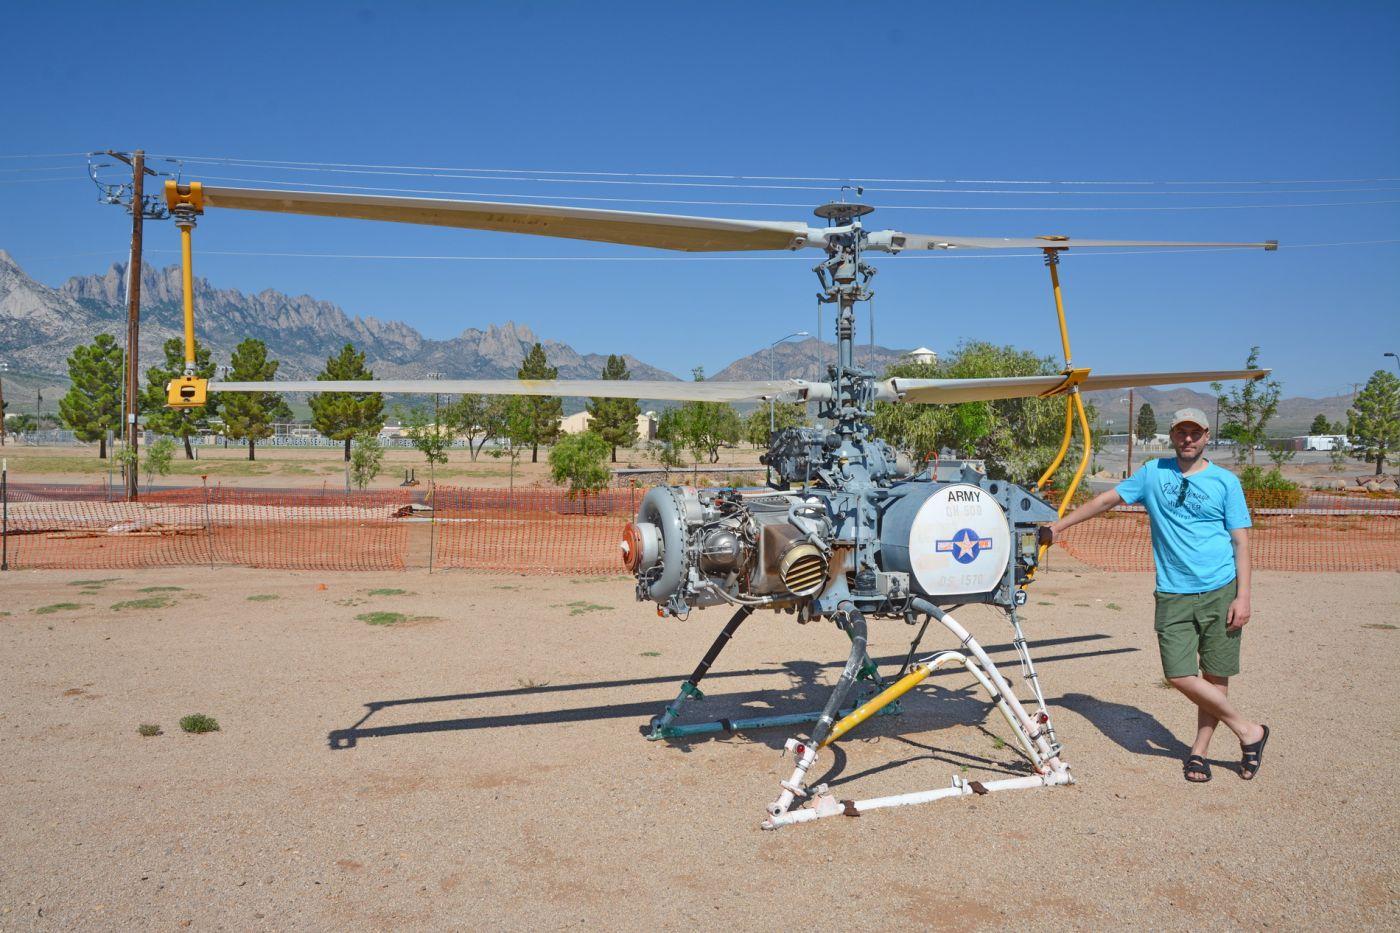 США Нью-Мексико, White sands missile range, часть-4